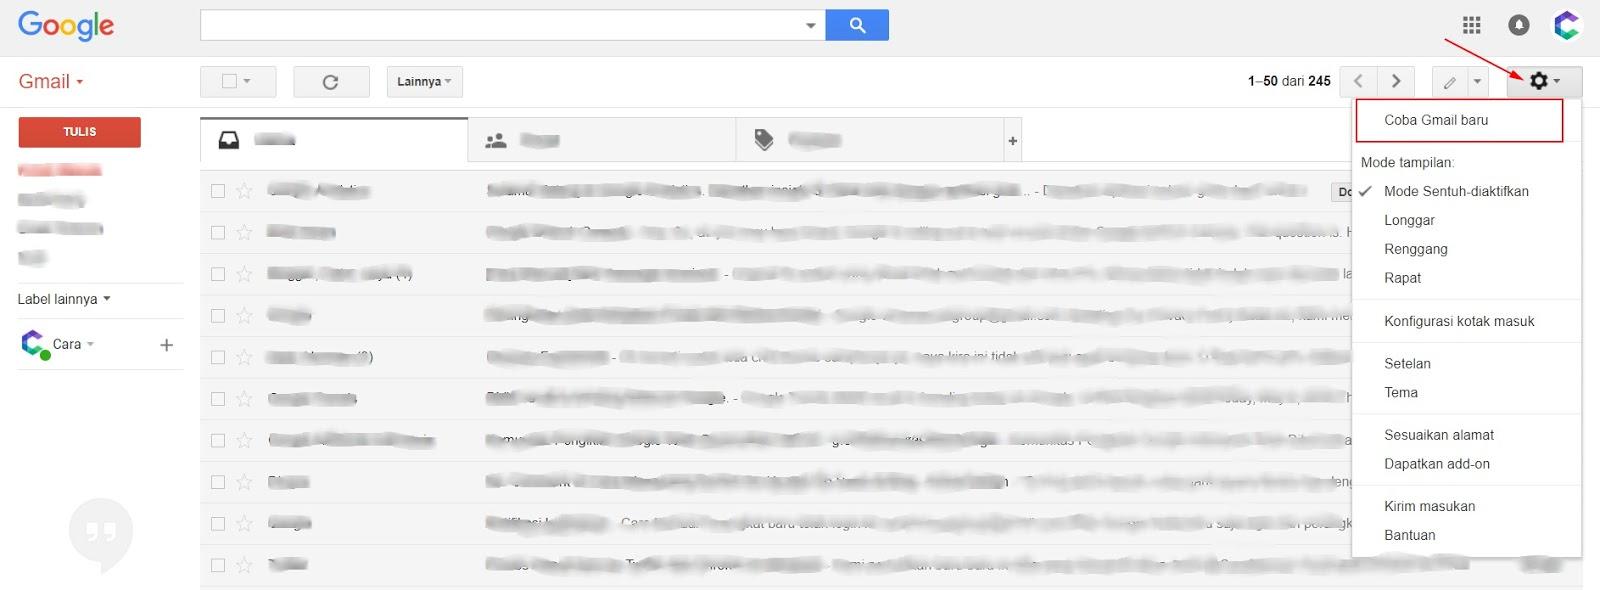 Cara Mengubah Tampilan Baru Gmail 1